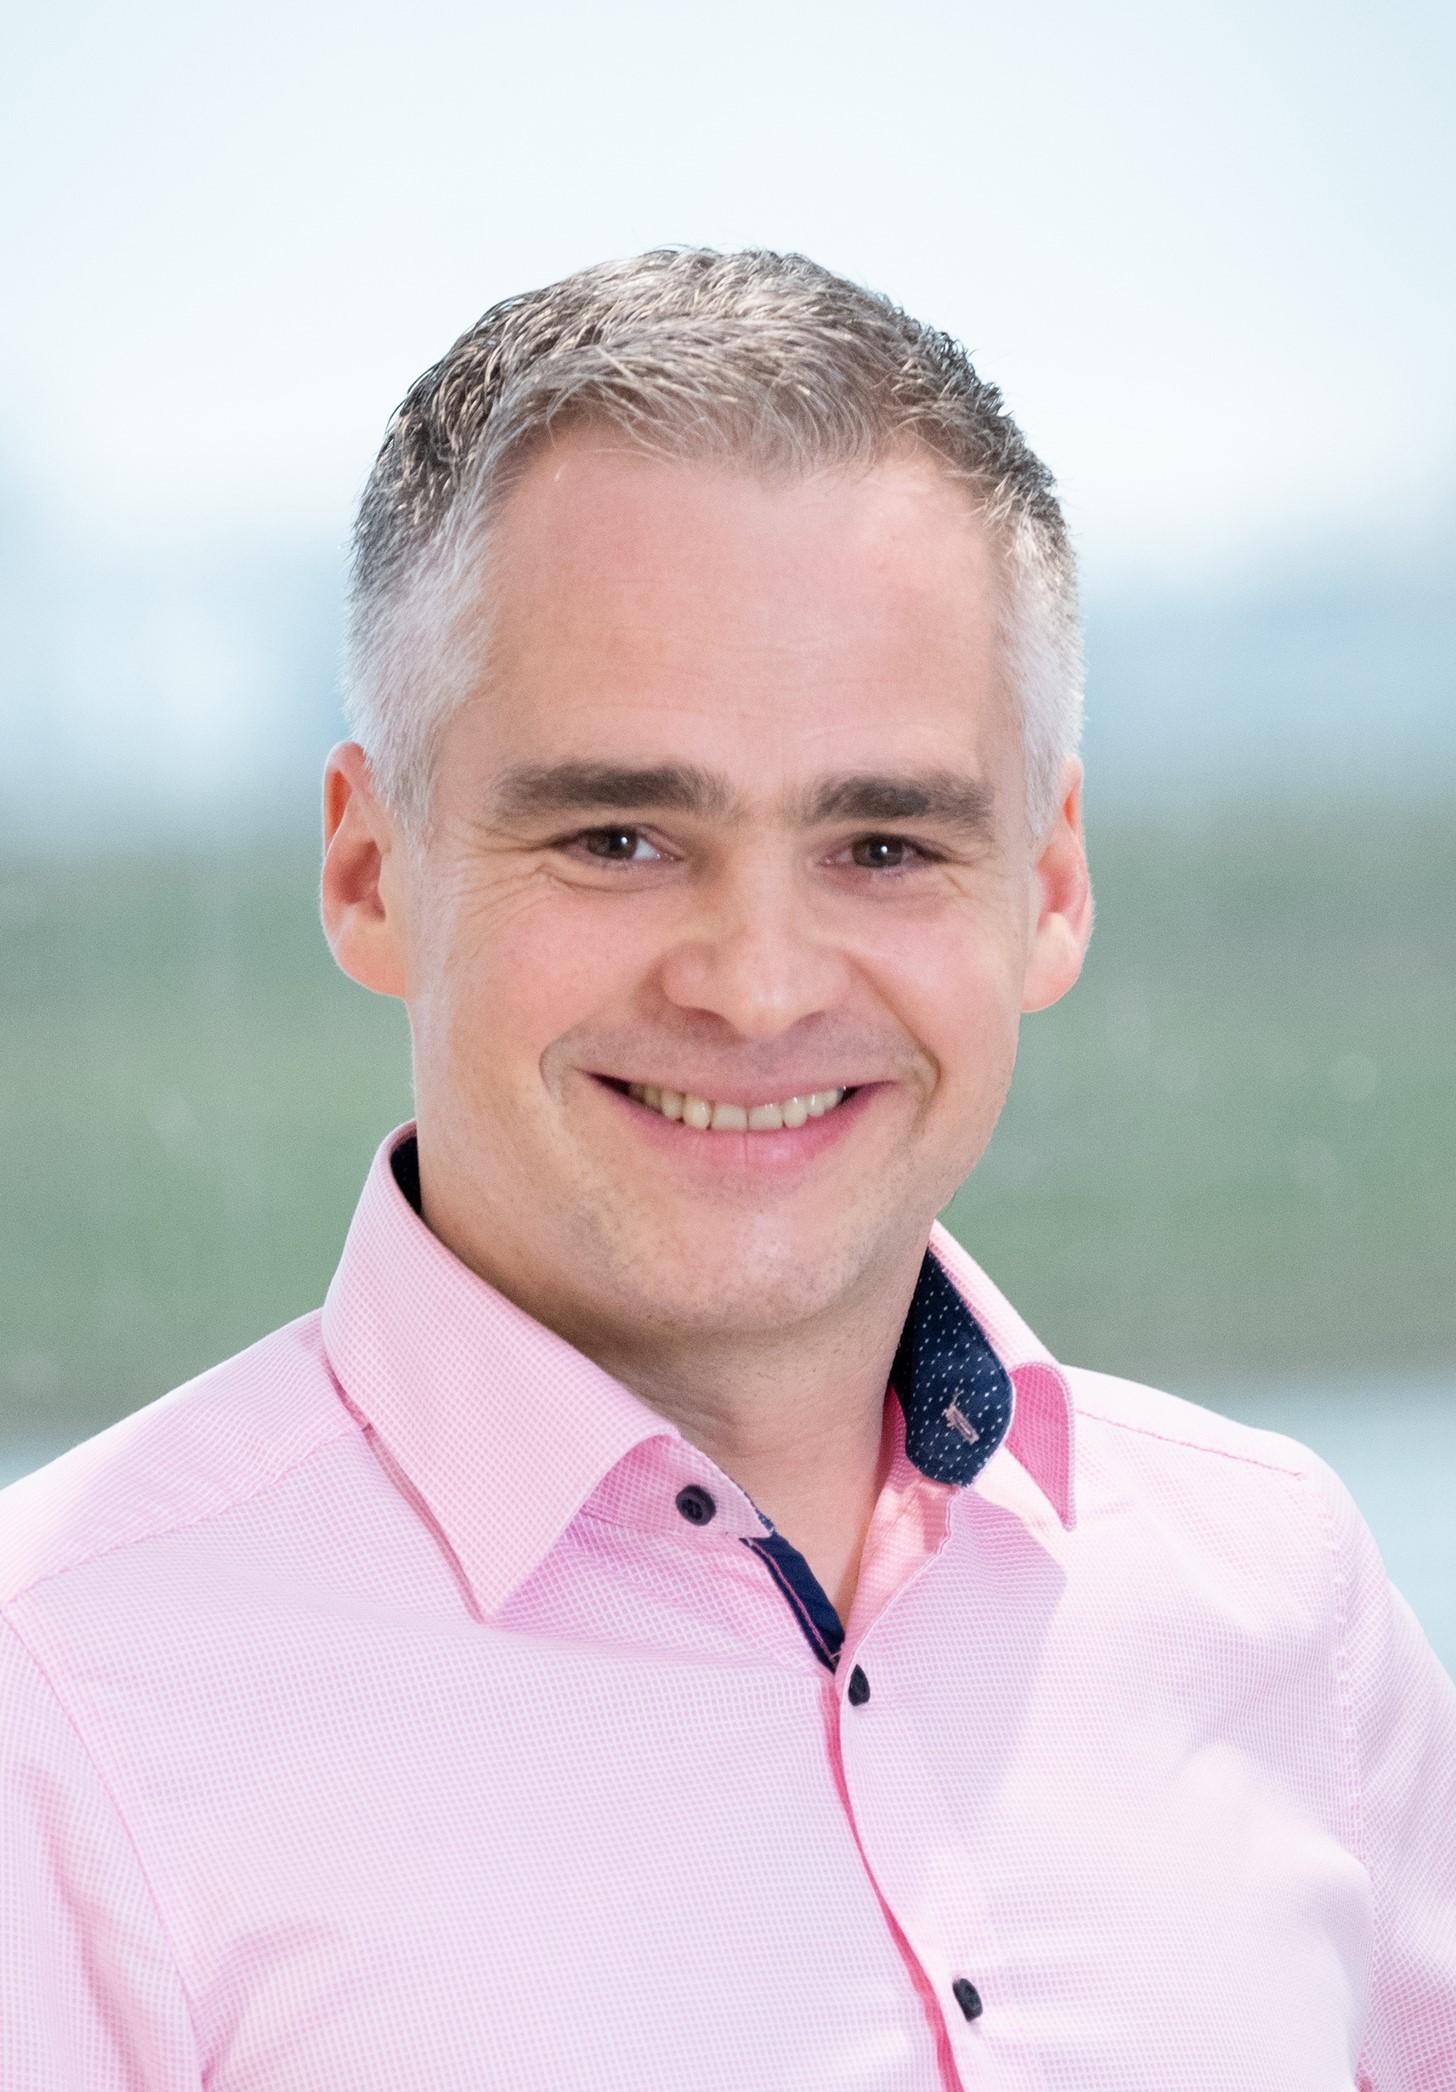 Joerg Peter Mueller